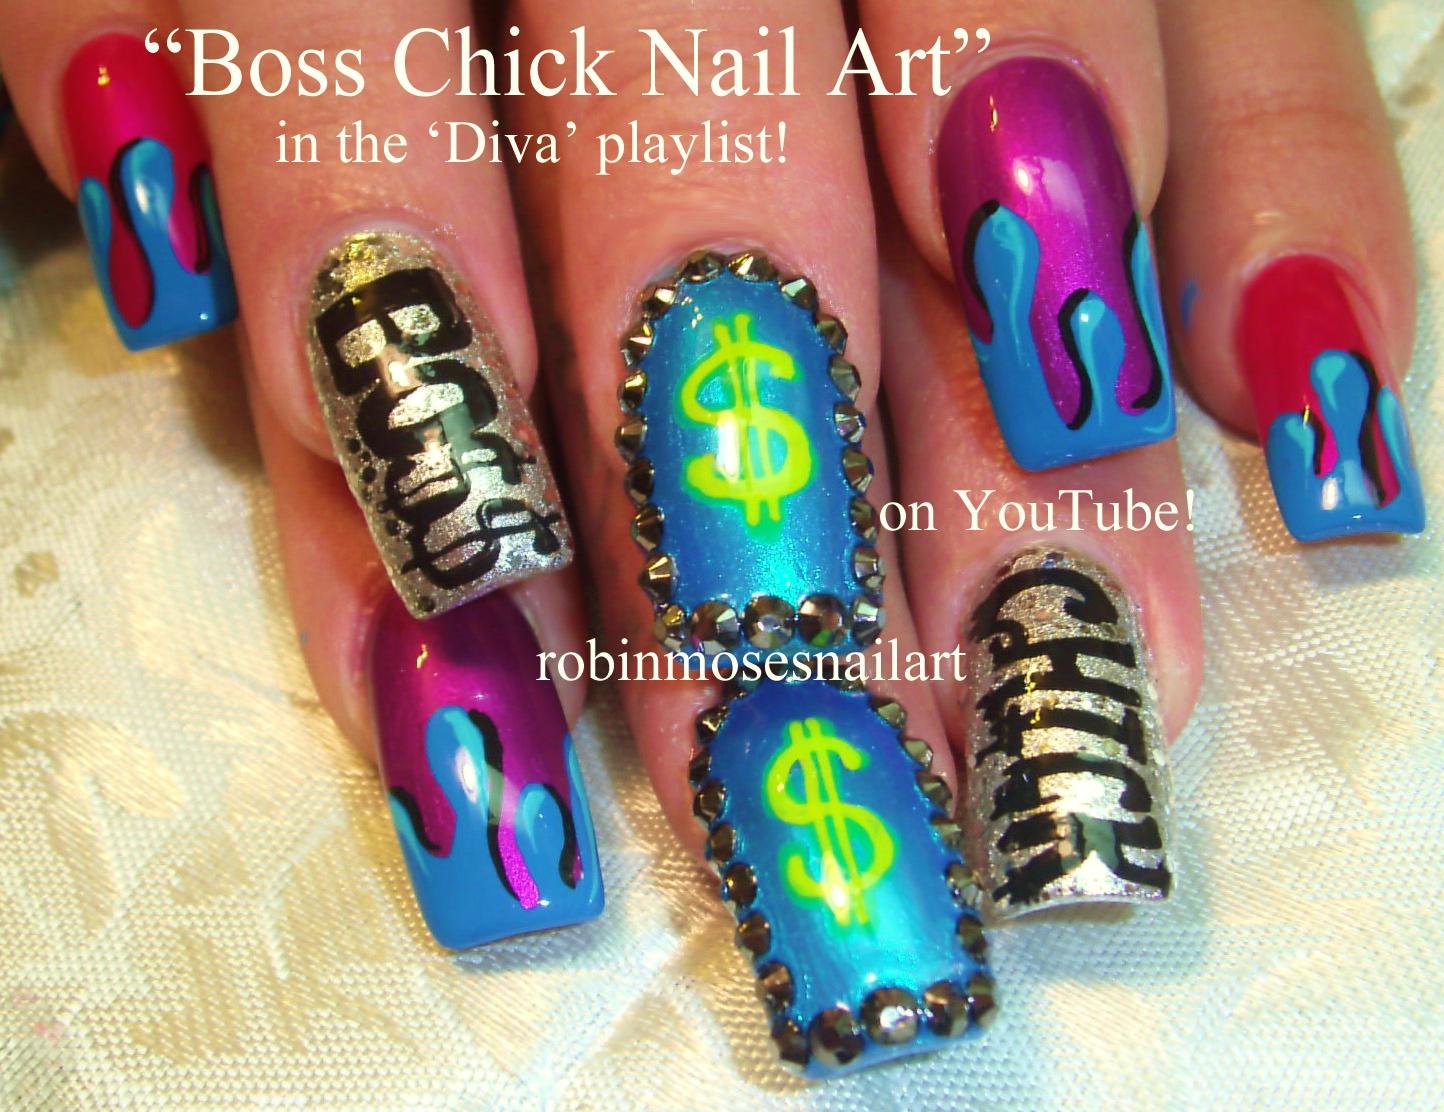 Nail Art Design Shine Nail Art Diva Nail Art Boss Chick Nails